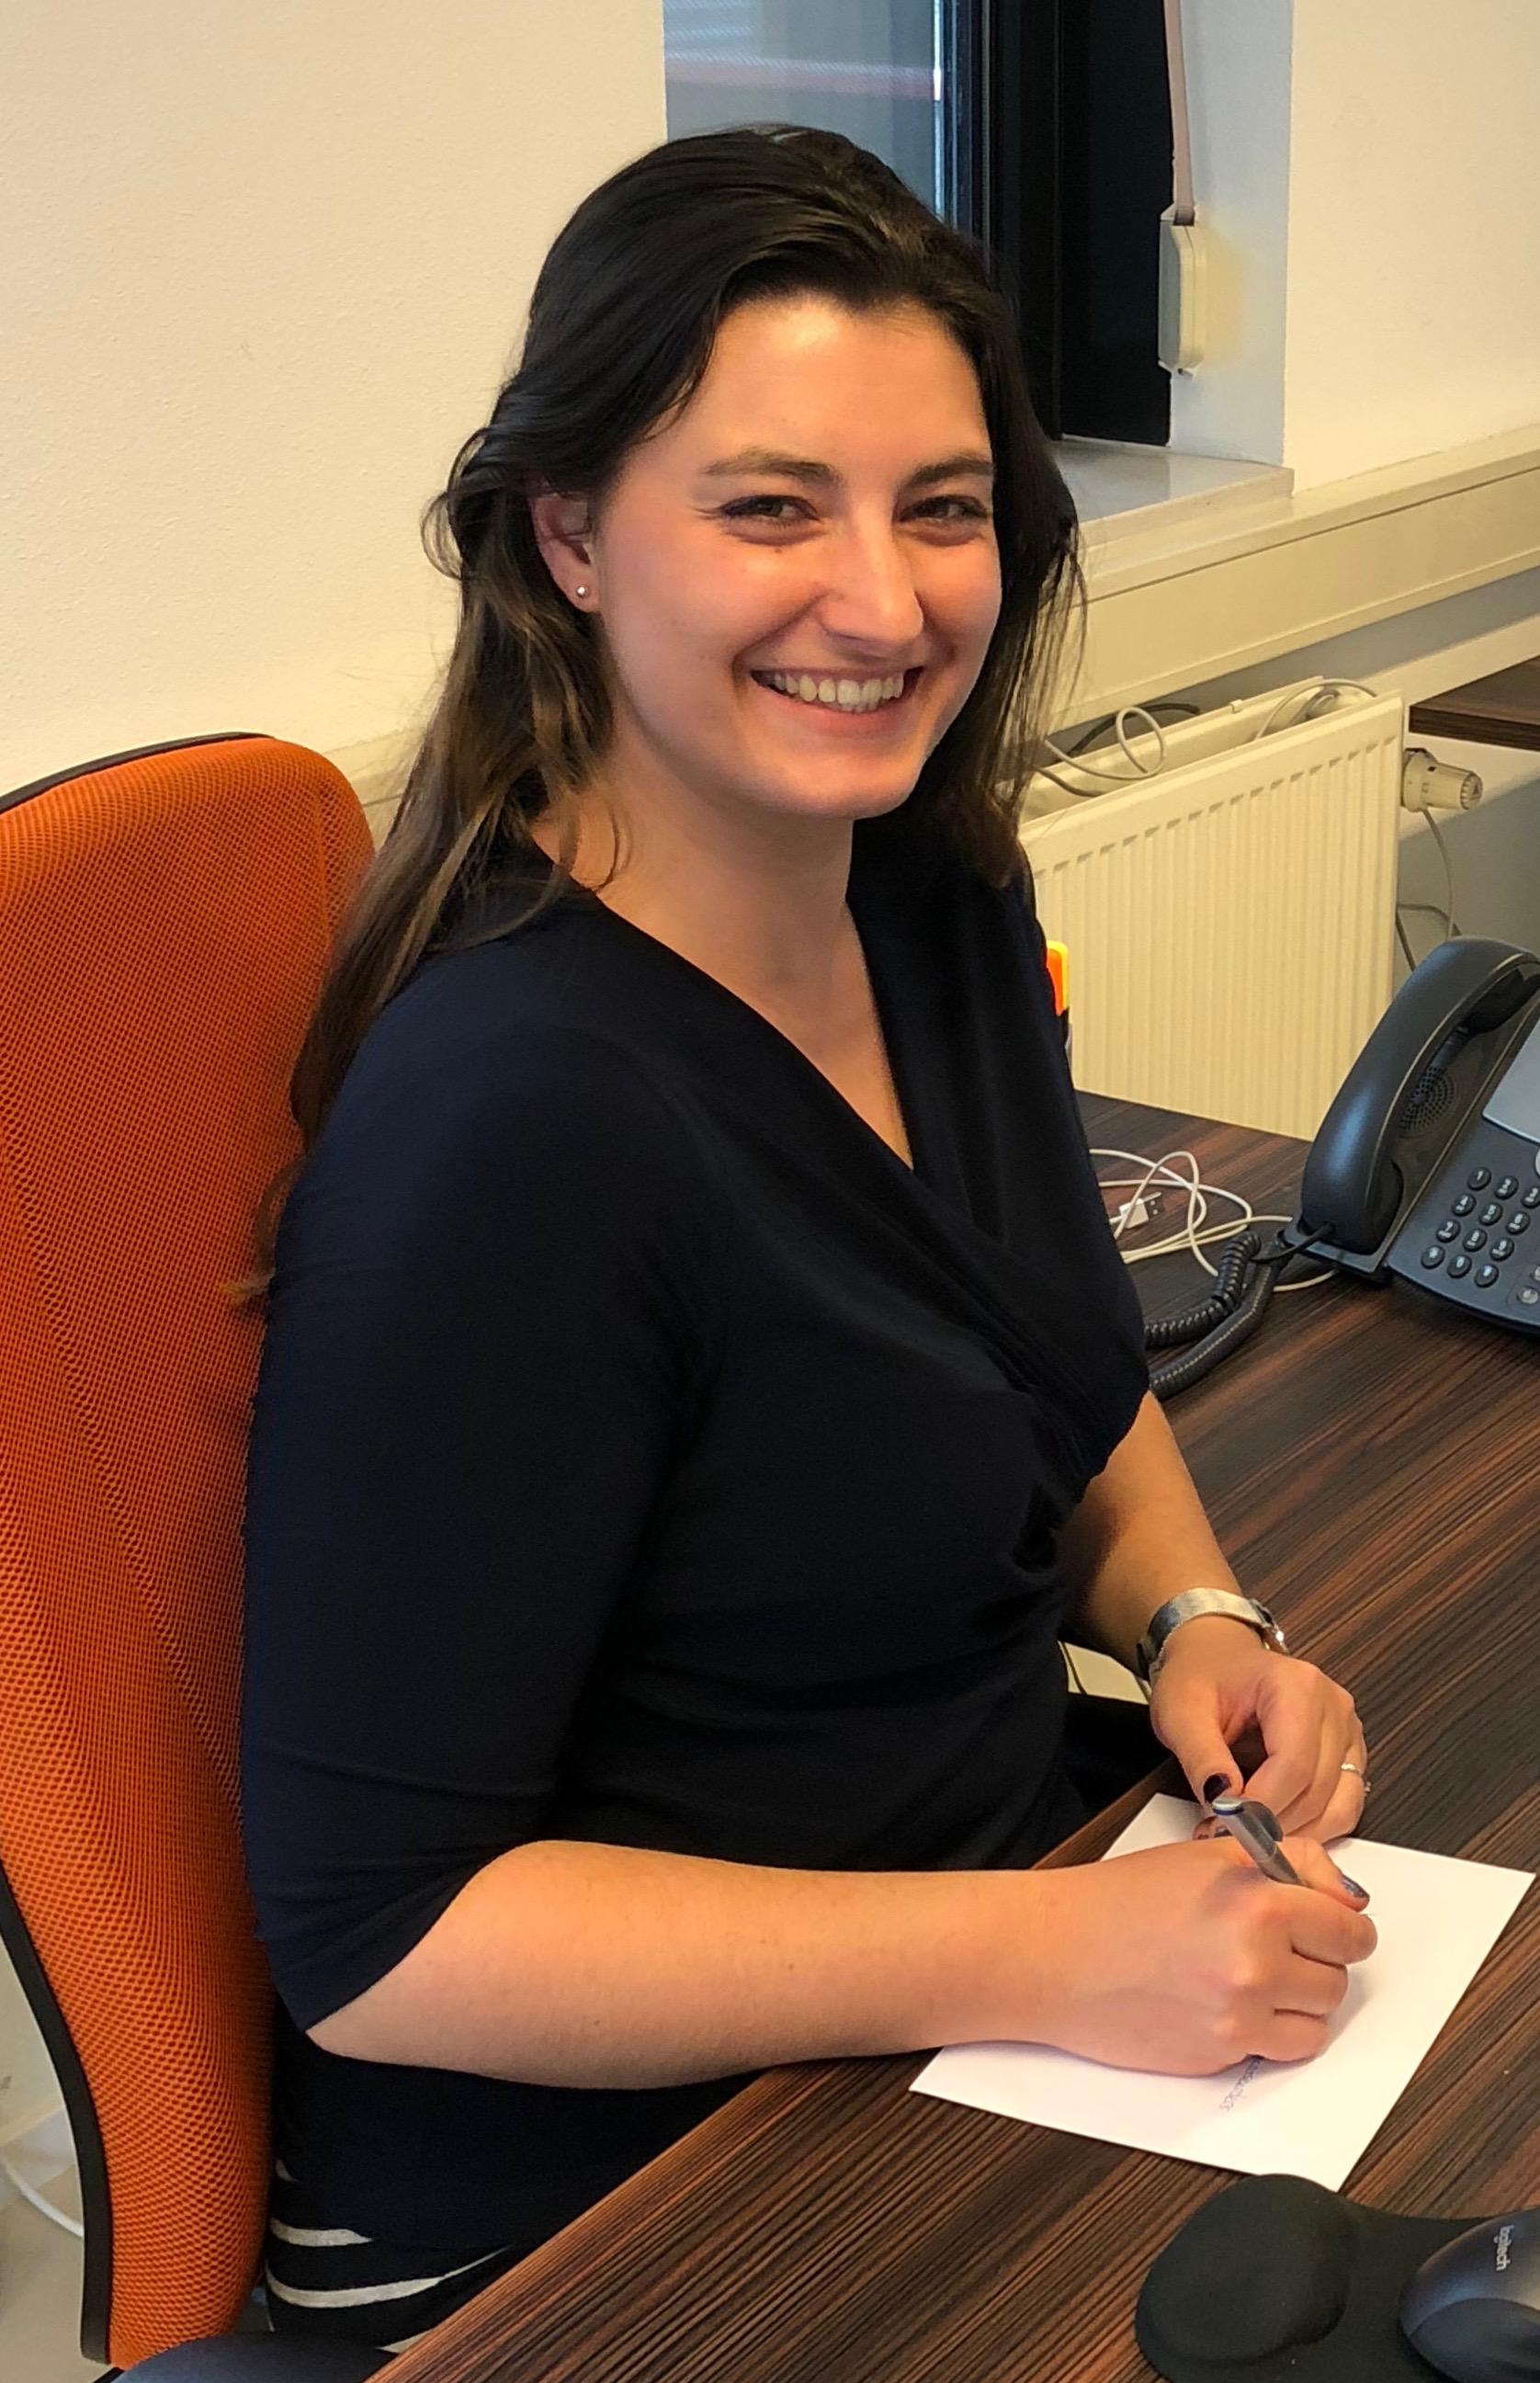 Esther van Anrooij